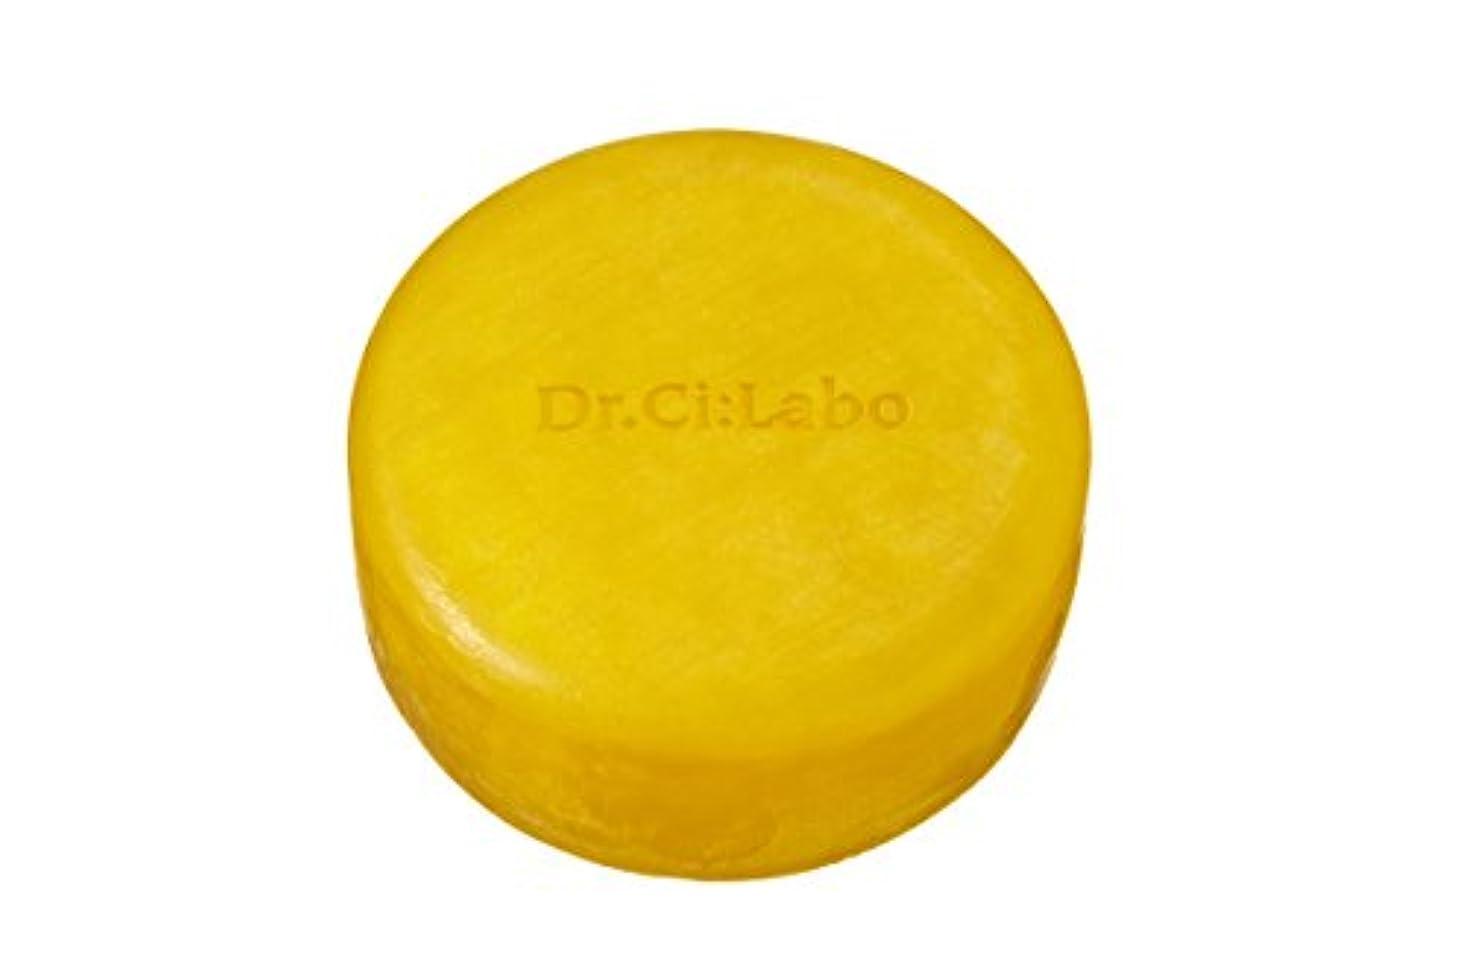 高く内側長さドクターシーラボ エンリッチリフトソープEX 角質オフ石鹸 100g 洗顔石鹸